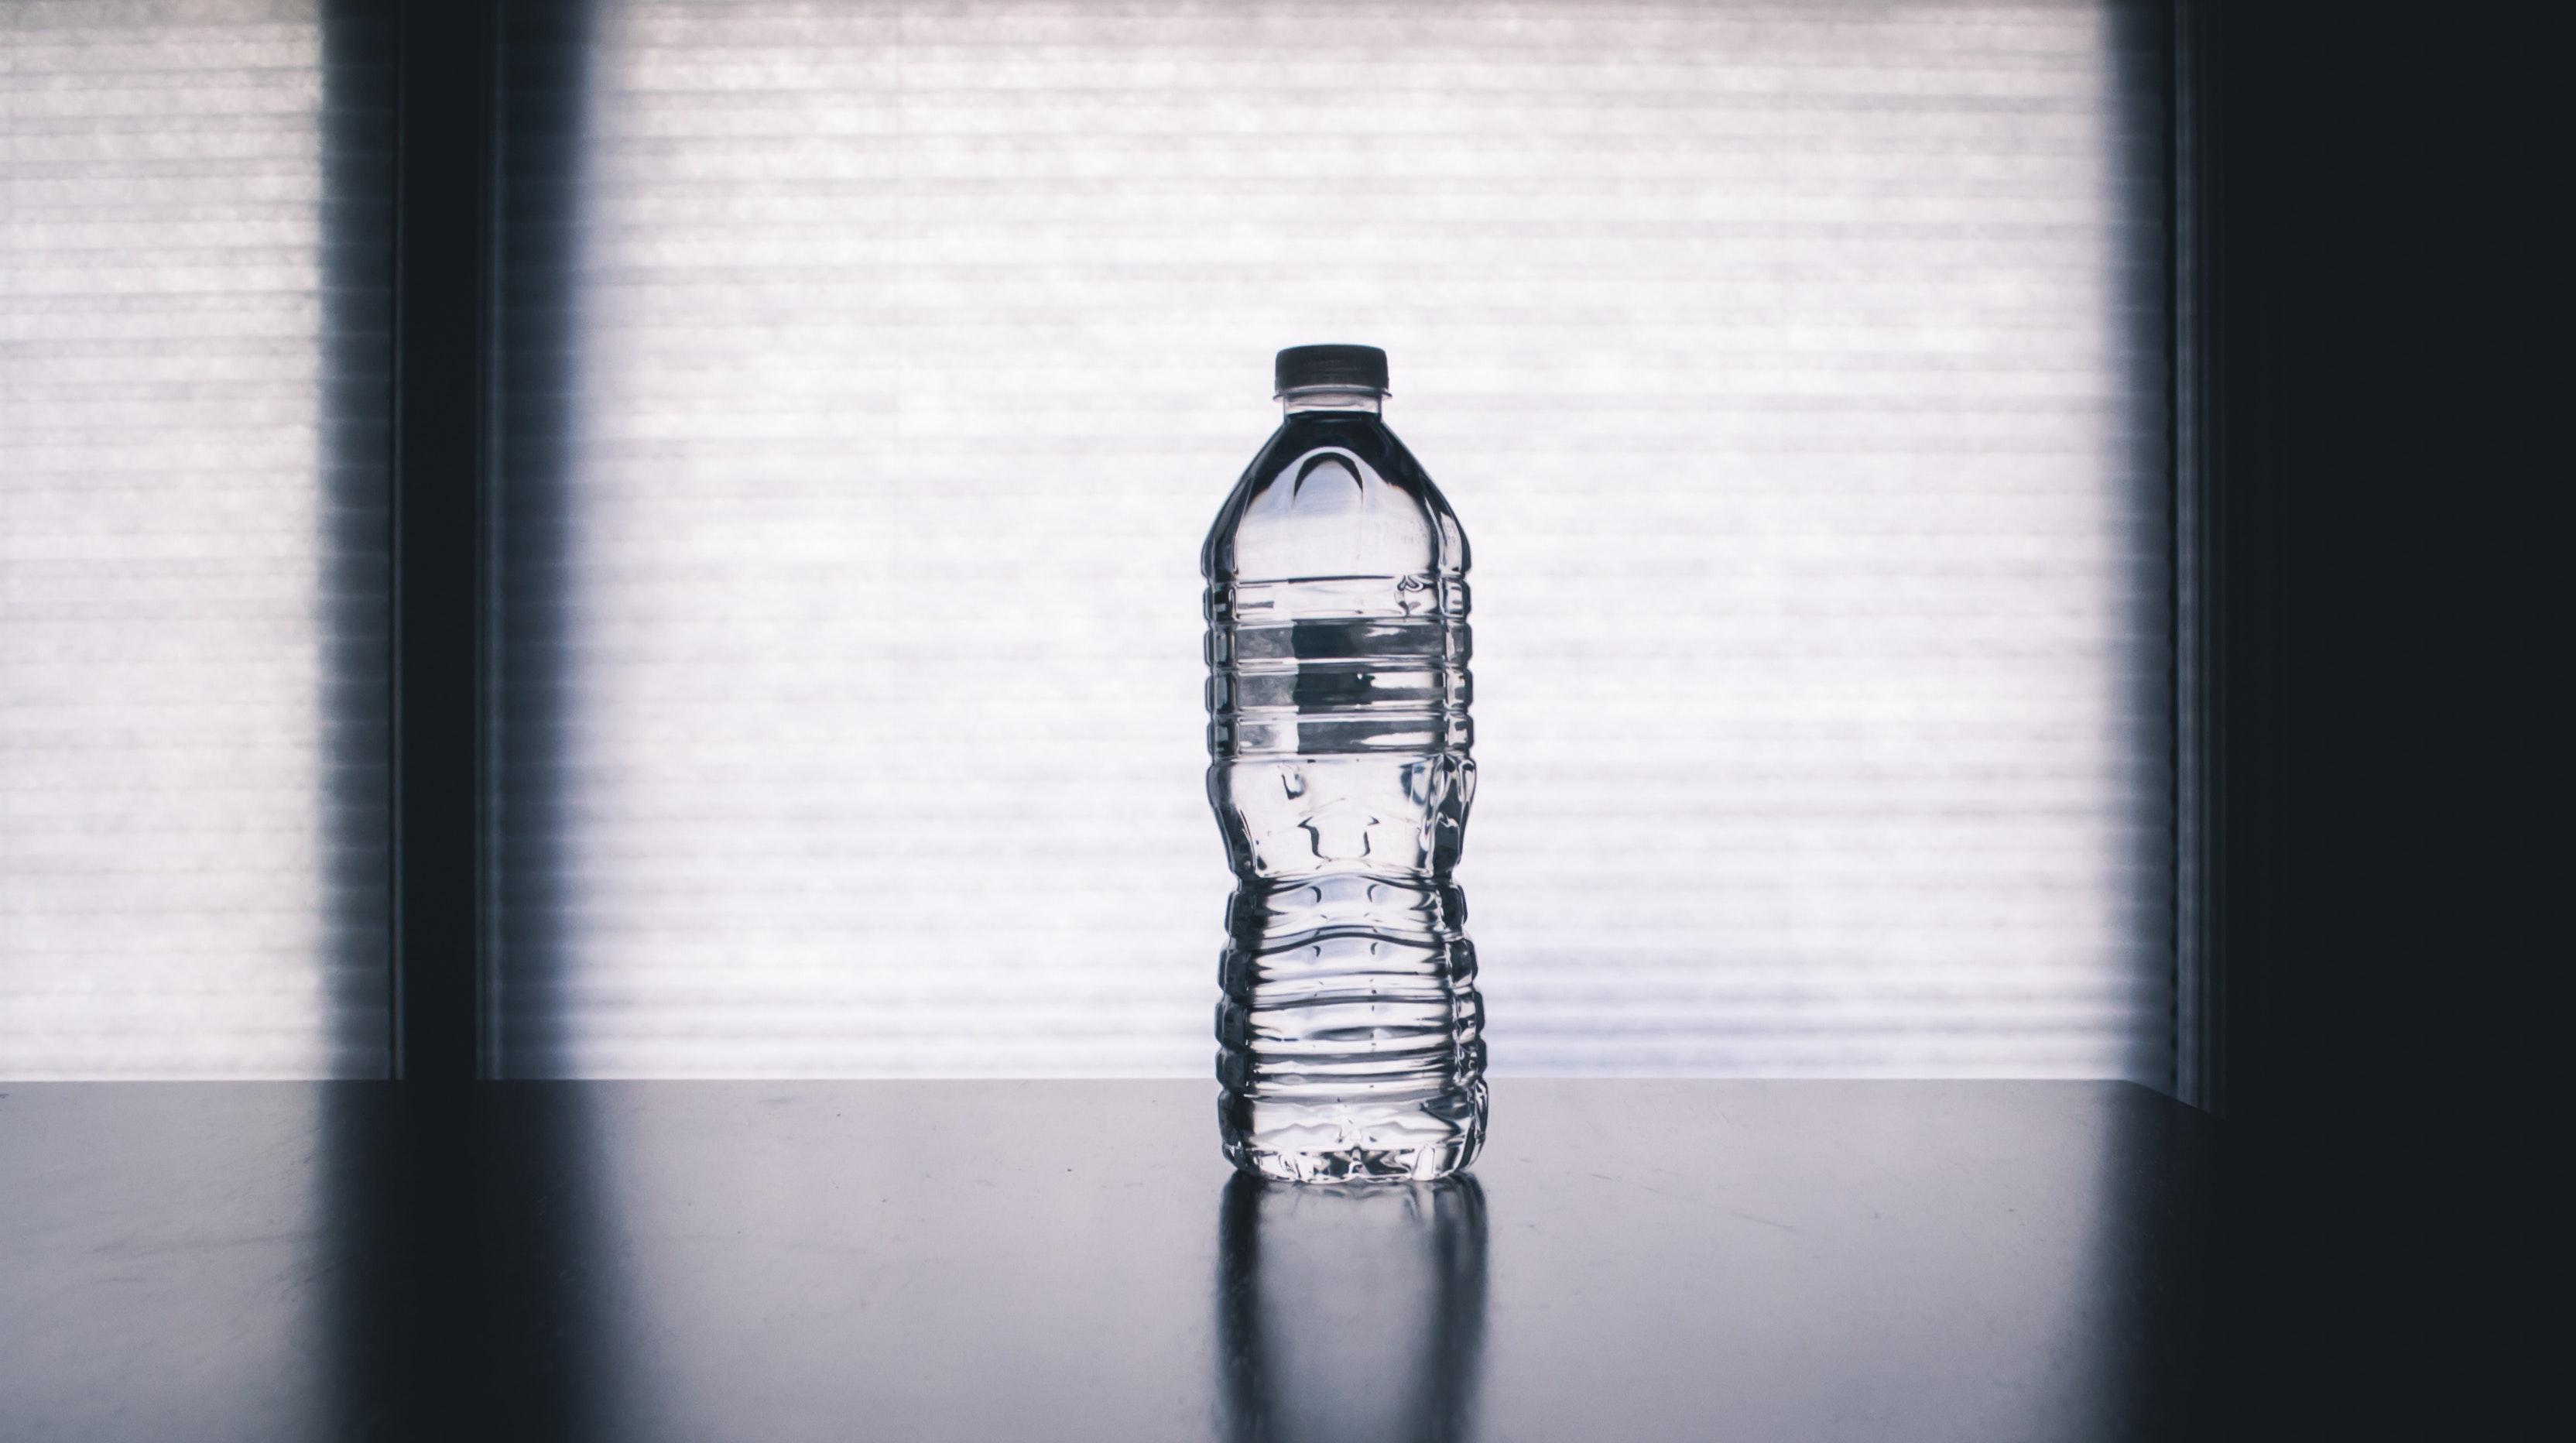 pexels steve johnson 1000084 - Vandflasker kan være bakteriebomber